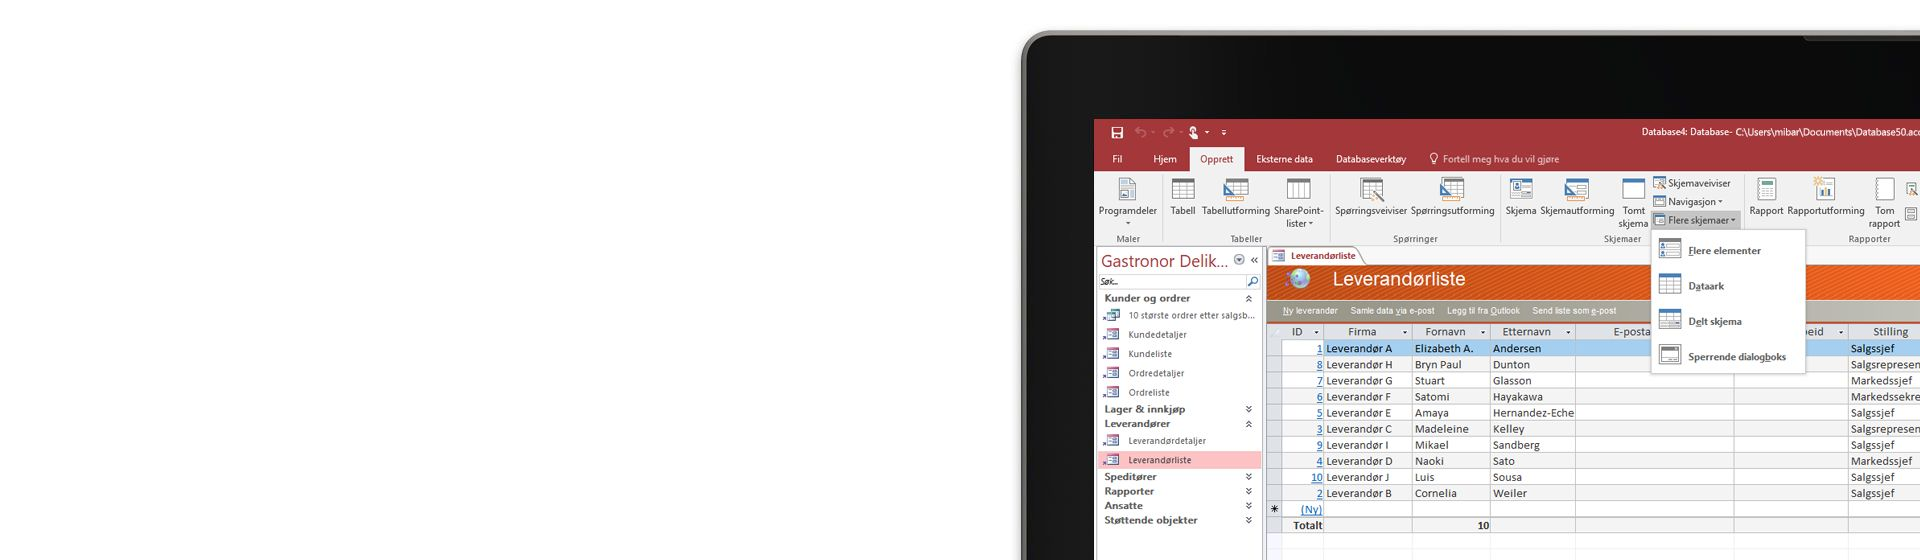 Hjørnet av en dataskjerm som viser en leverandørliste i en Microsoft Access-database.